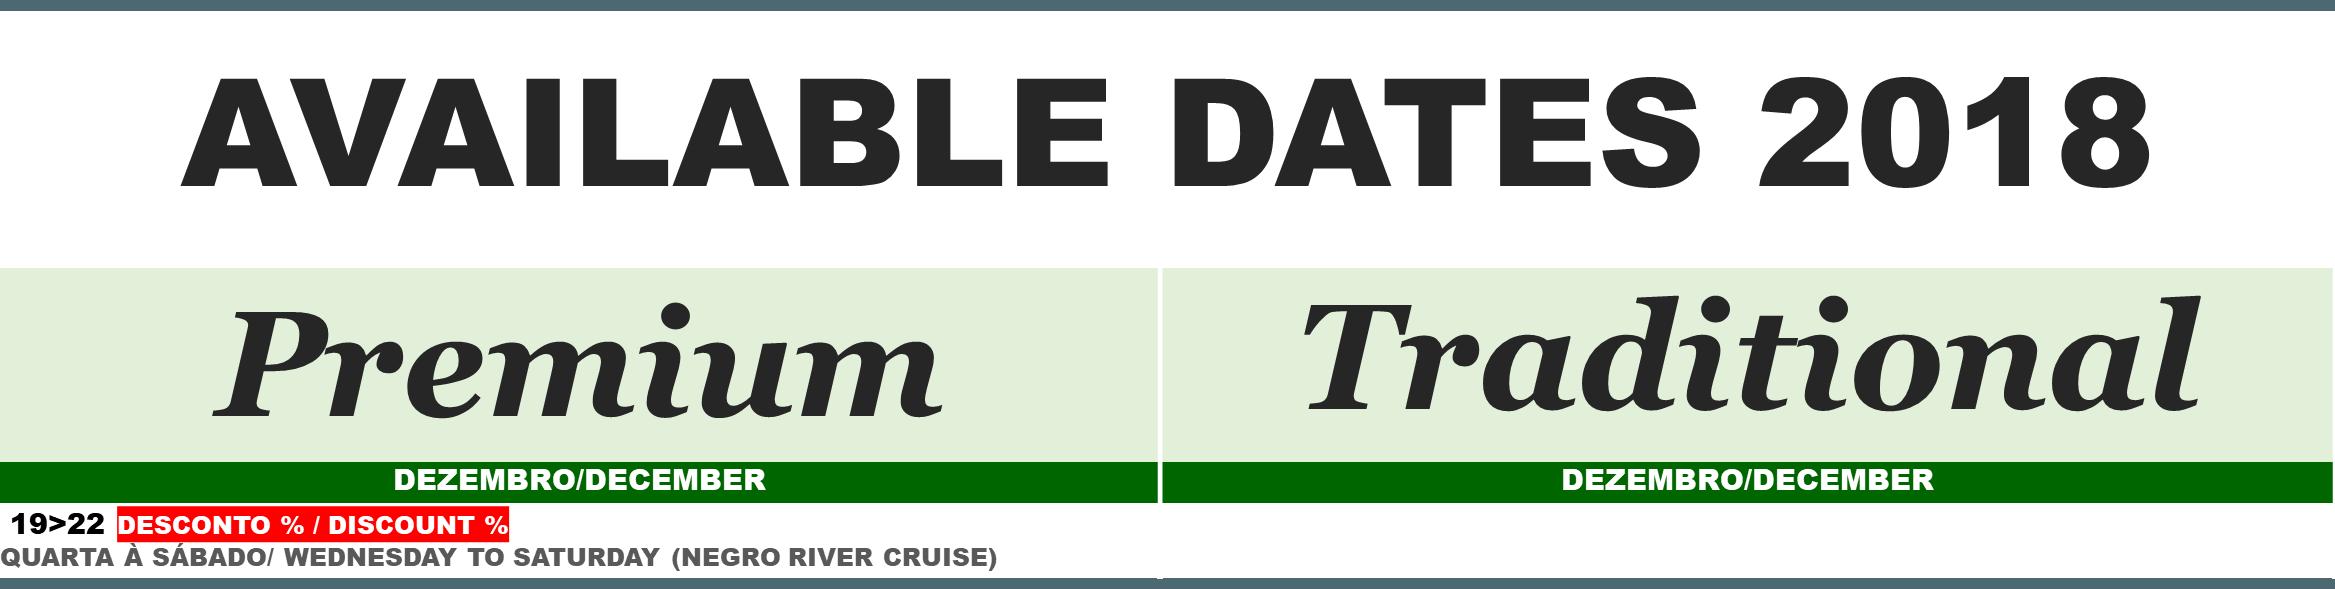 DATAS DISPONÍVEIS SITE 2018 28.11.18